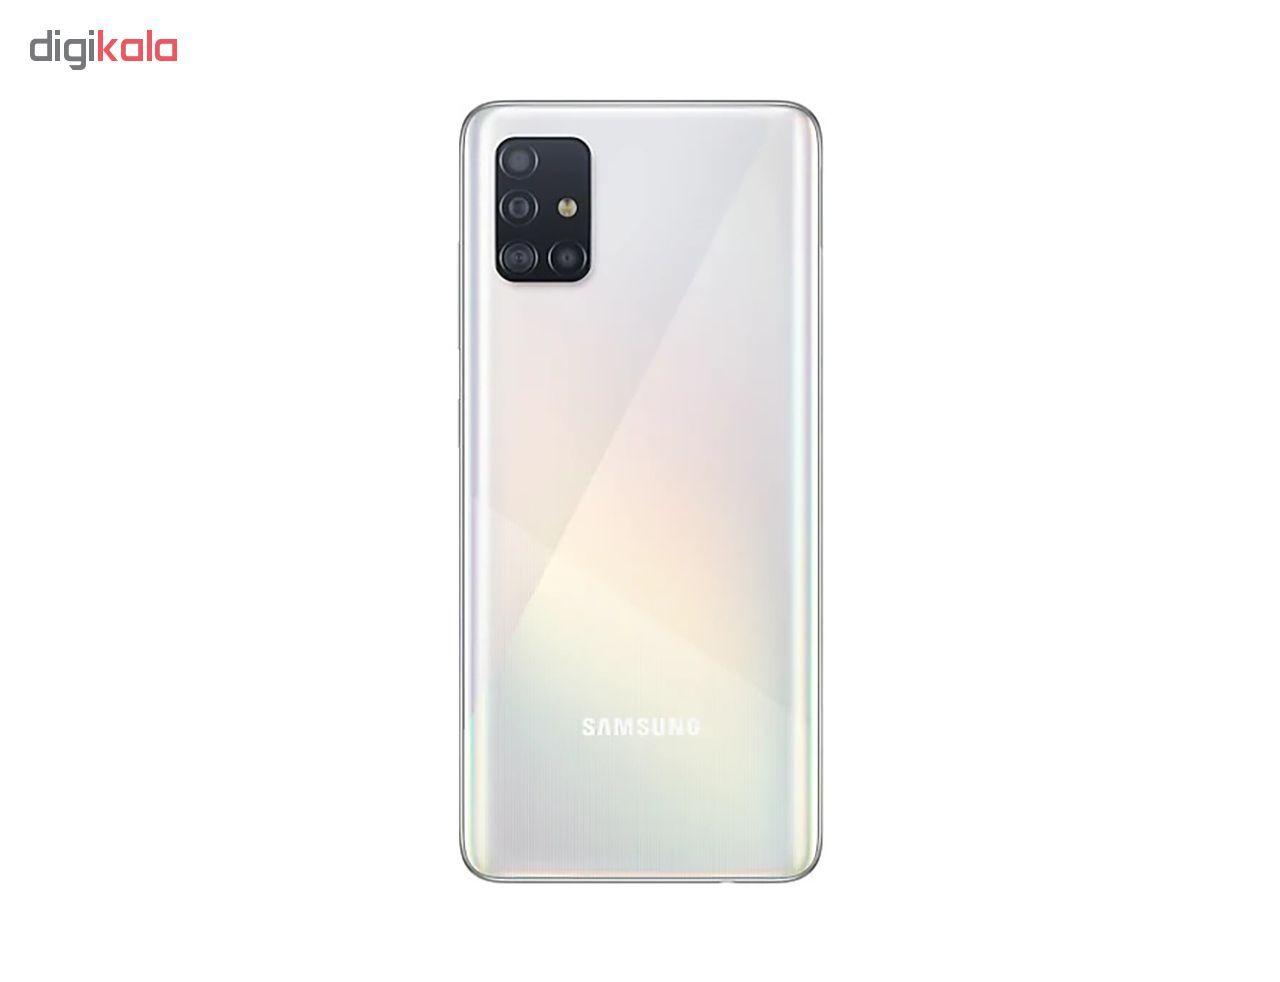 گوشی موبایل سامسونگ مدل Galaxy A51 SM-A515F/DSN دو سیم کارت ظرفیت 128گیگابایت main 1 18